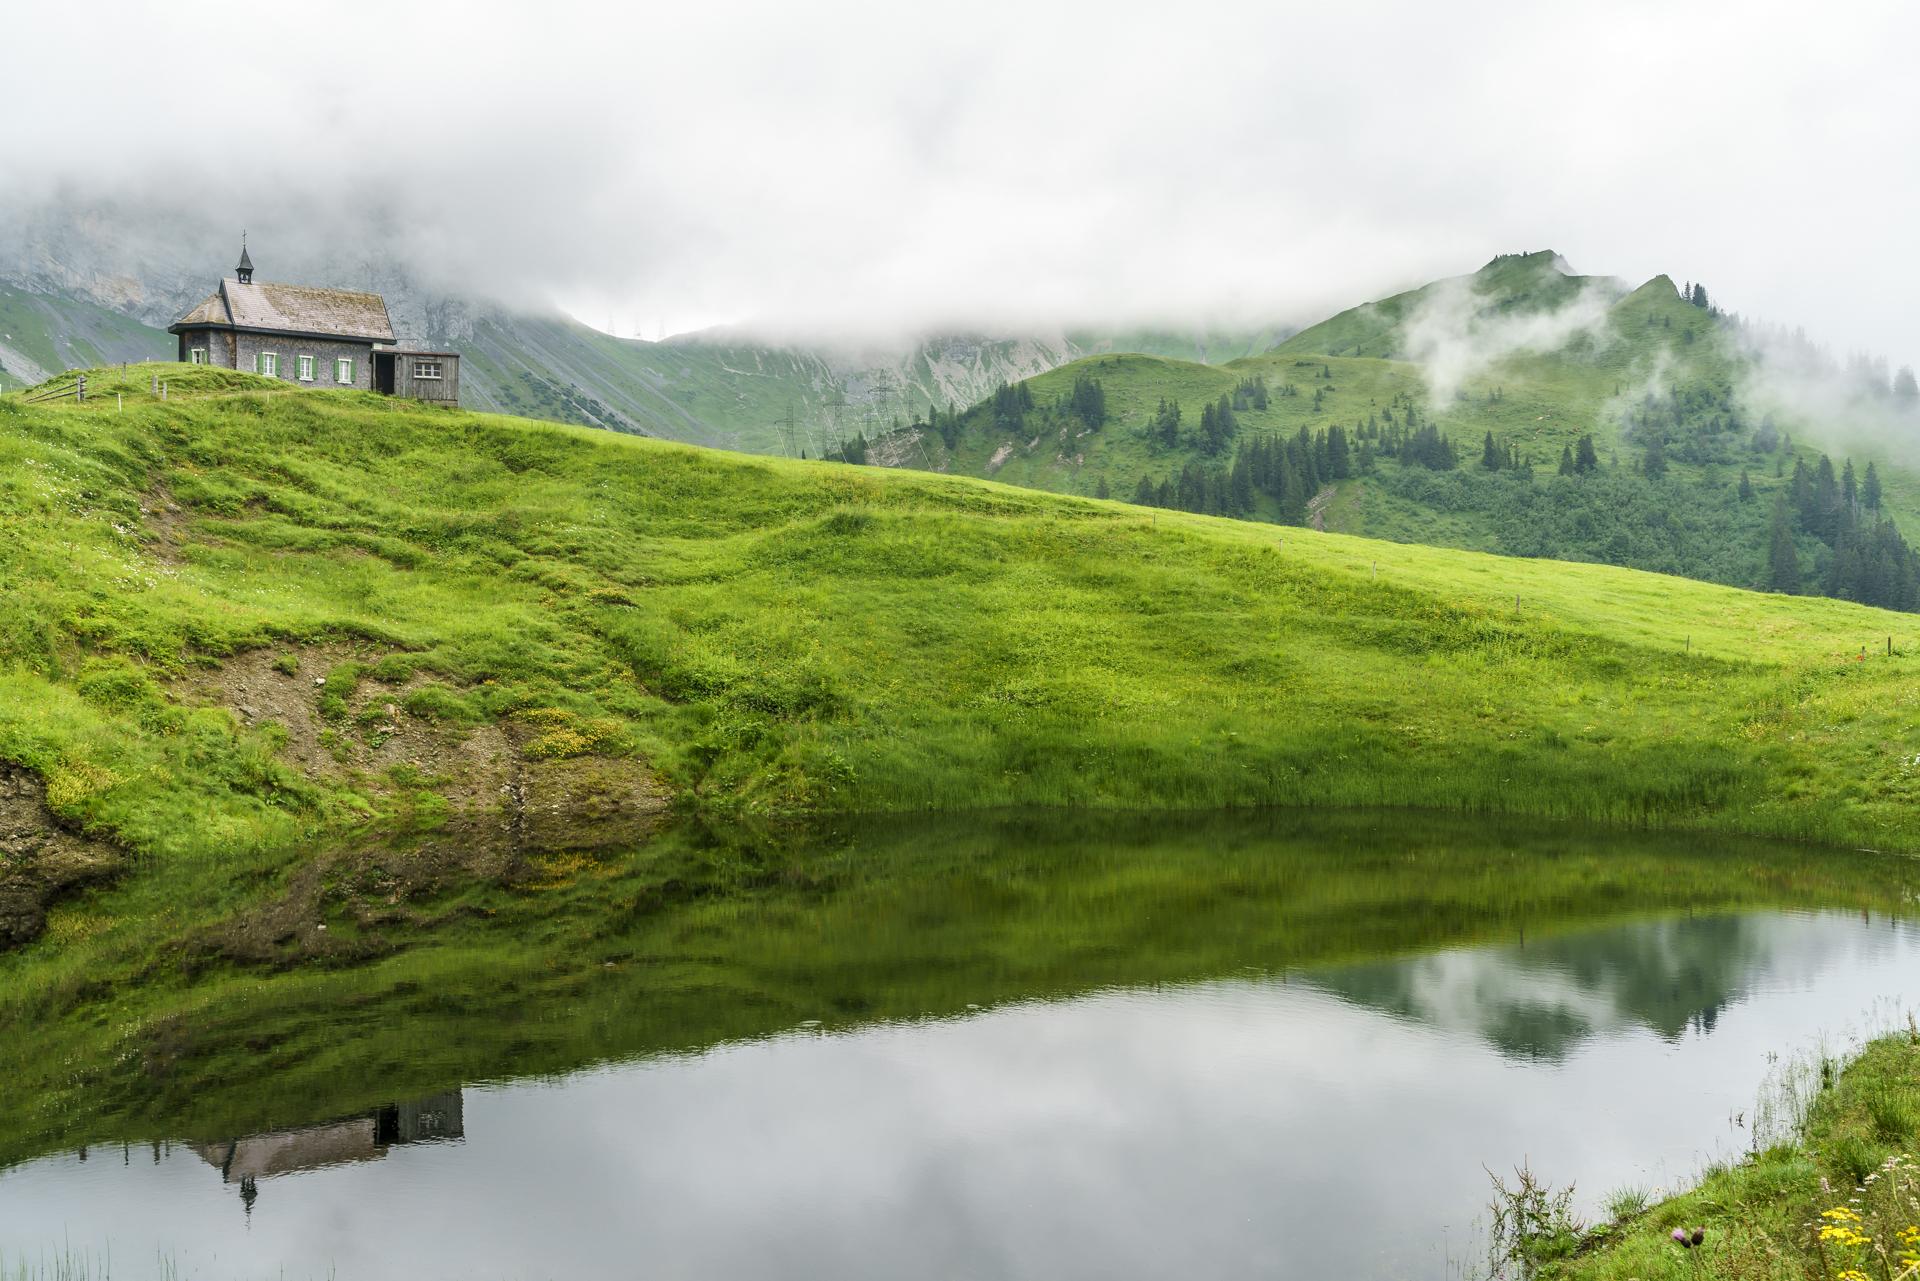 Jeanzimatt-Obwalden